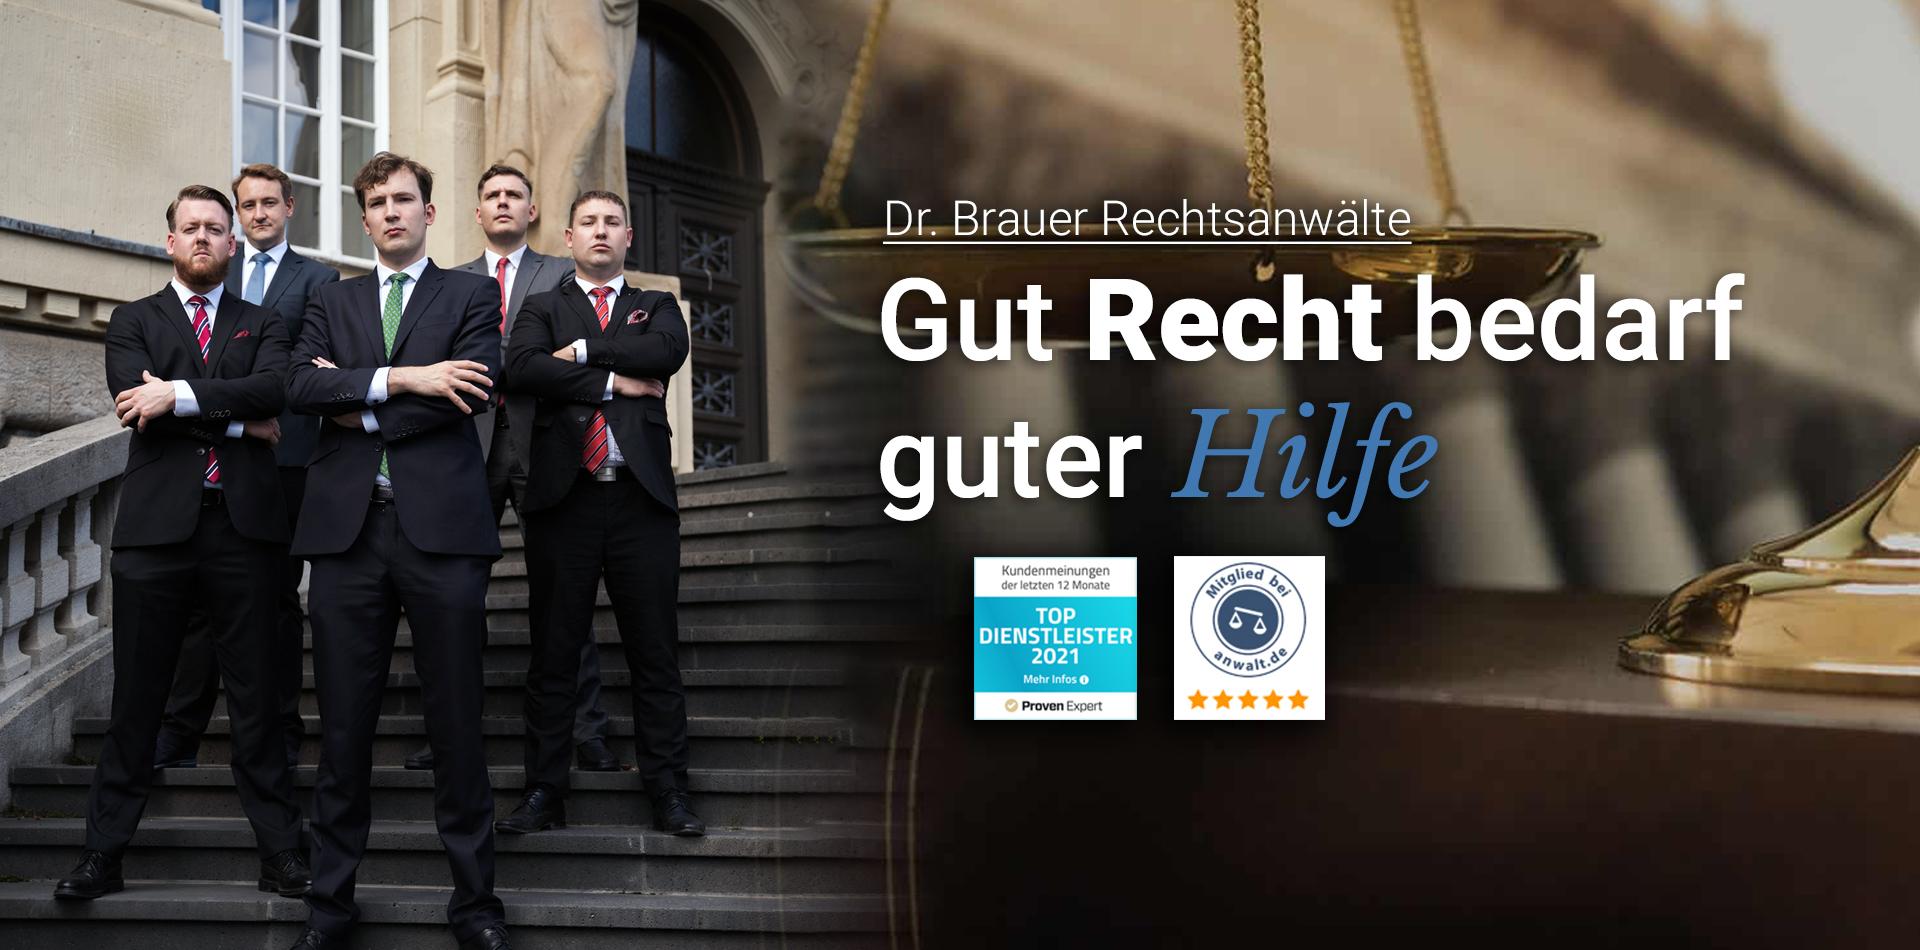 Gut Recht bedarf guter Hilfe - Dr. Brauer Rechtsanwälte